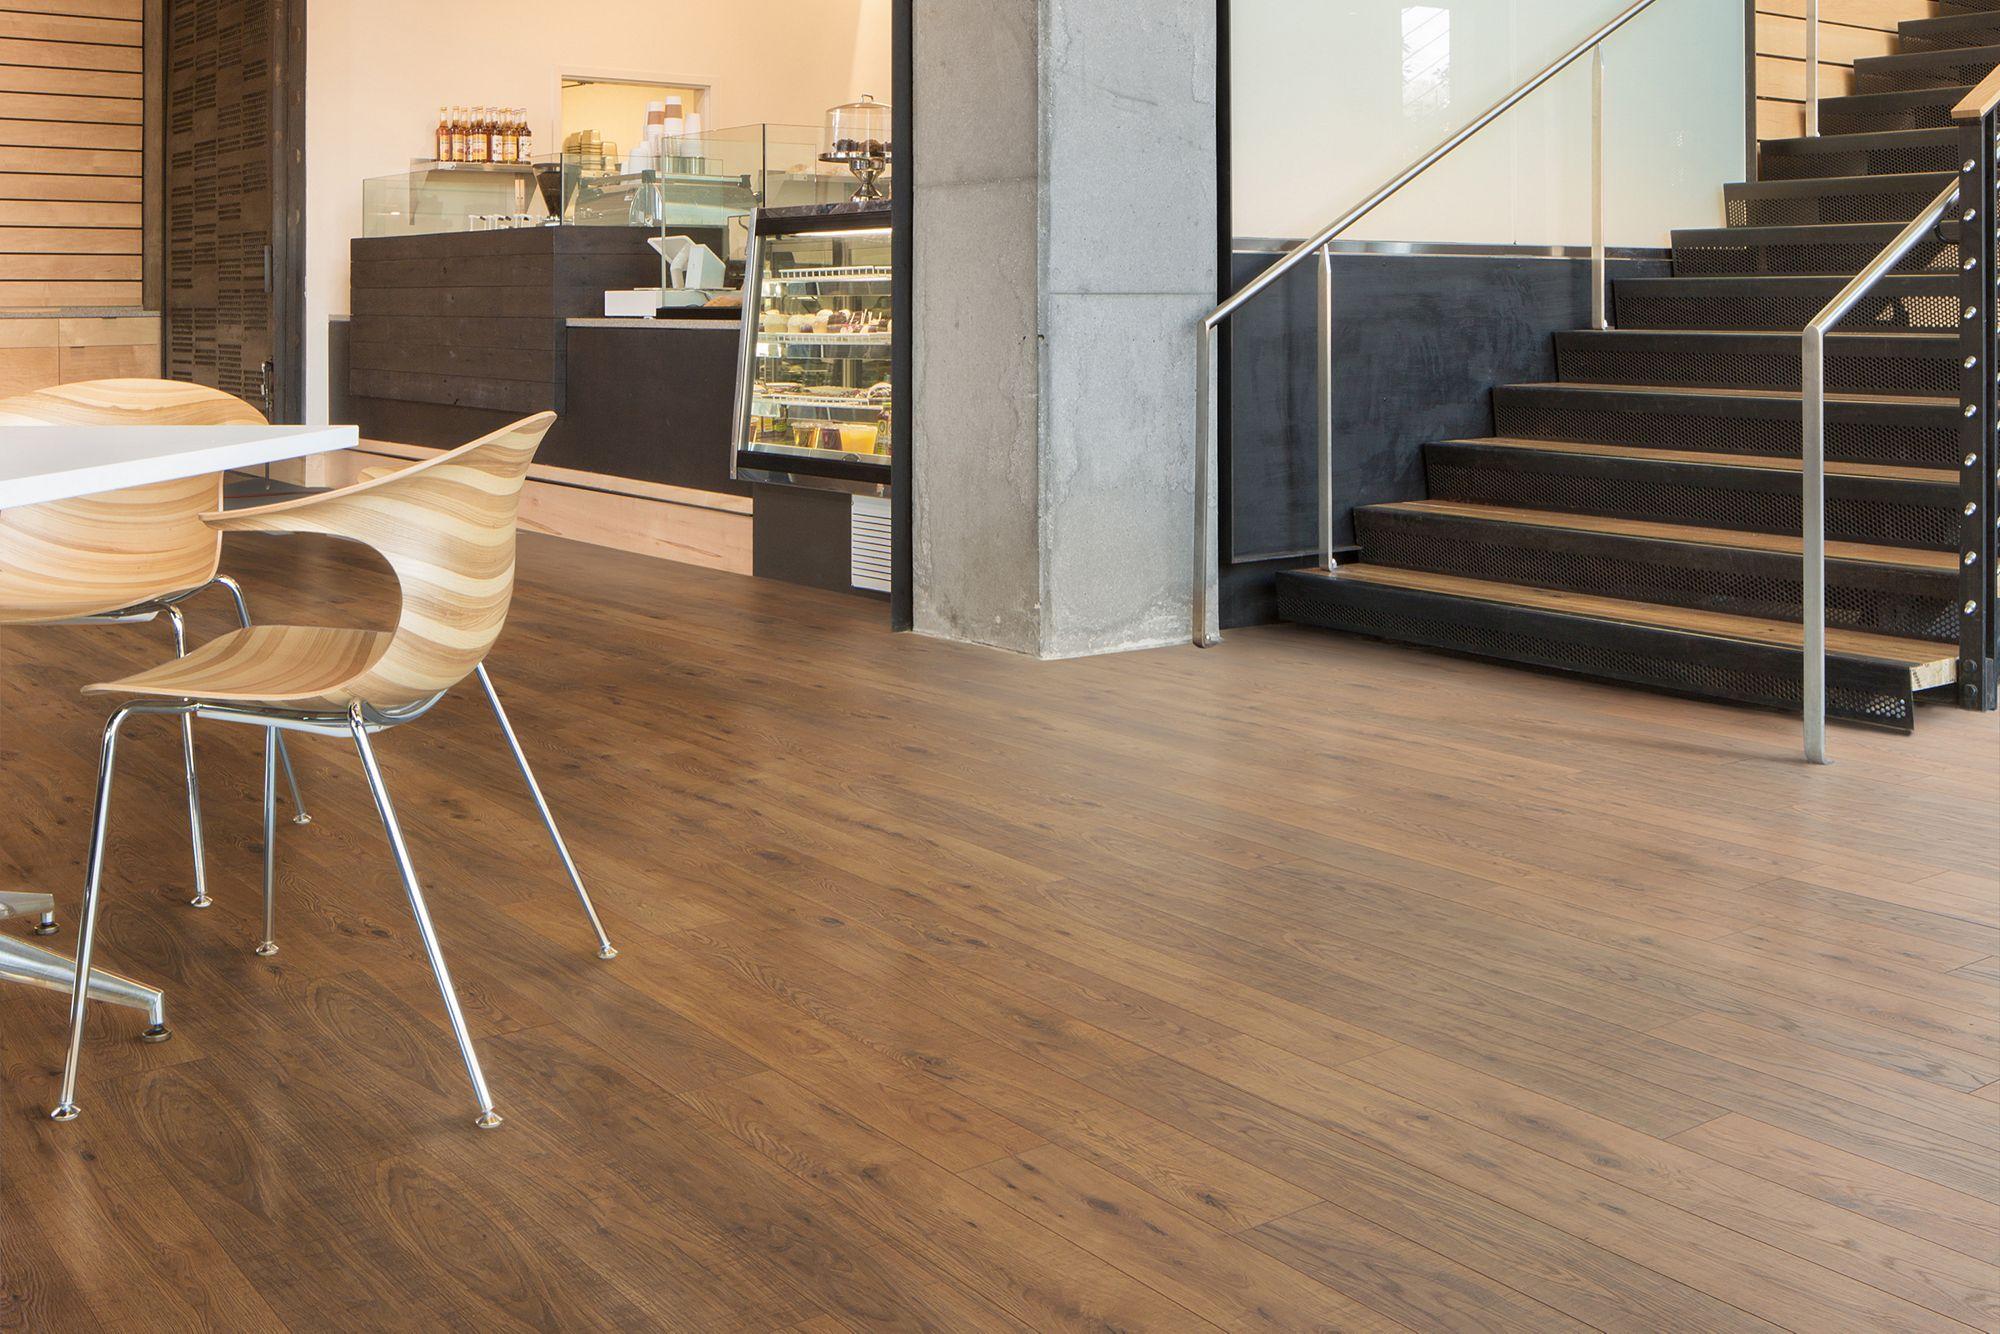 Laminate Tile Flooring Columbia Sc Laminate Flooring Ideas